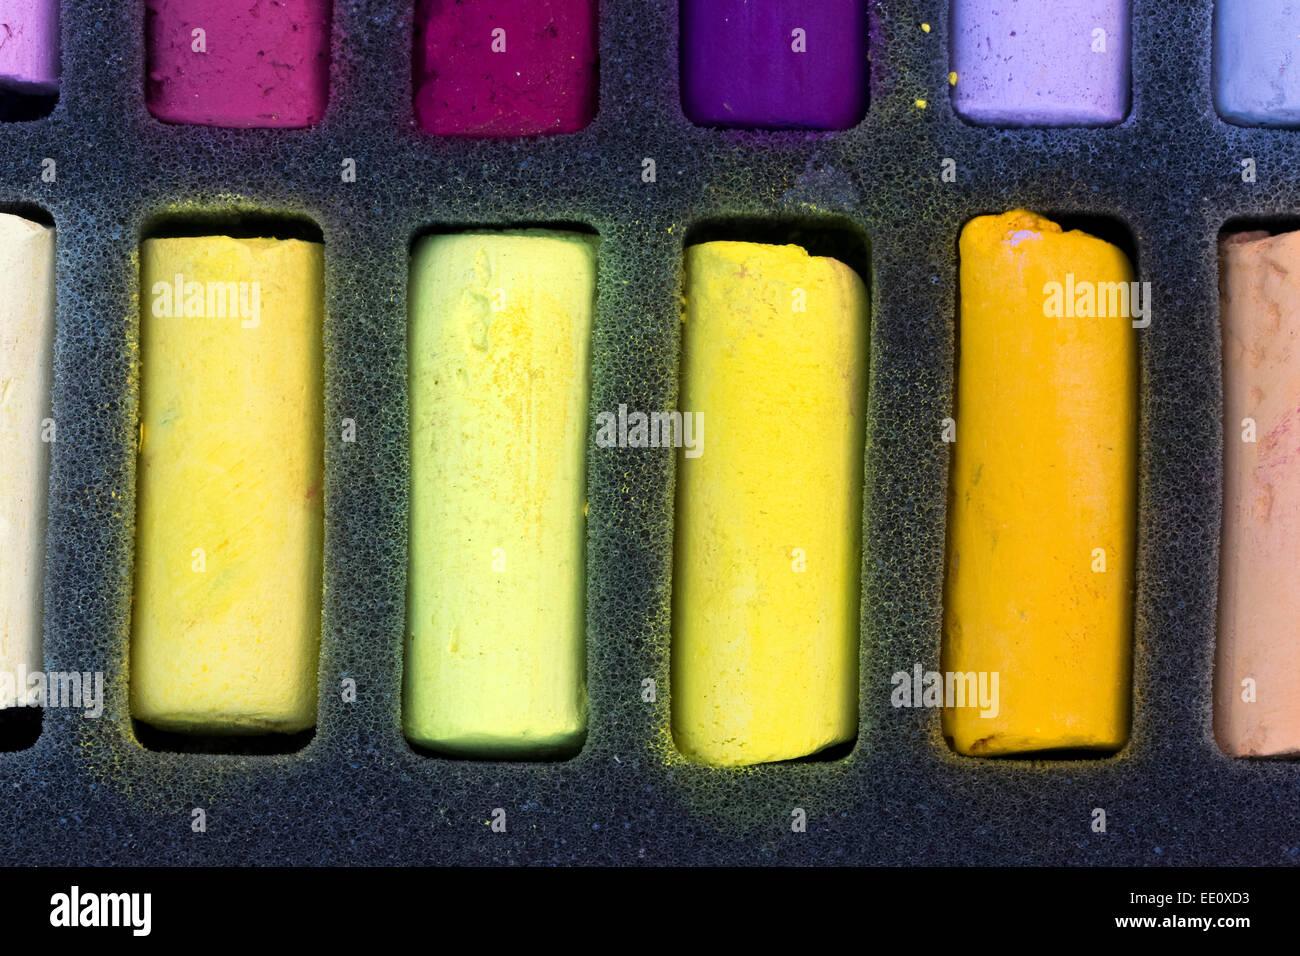 Jeu de Pastel craie, jaune pastel pigmenté Banque D'Images